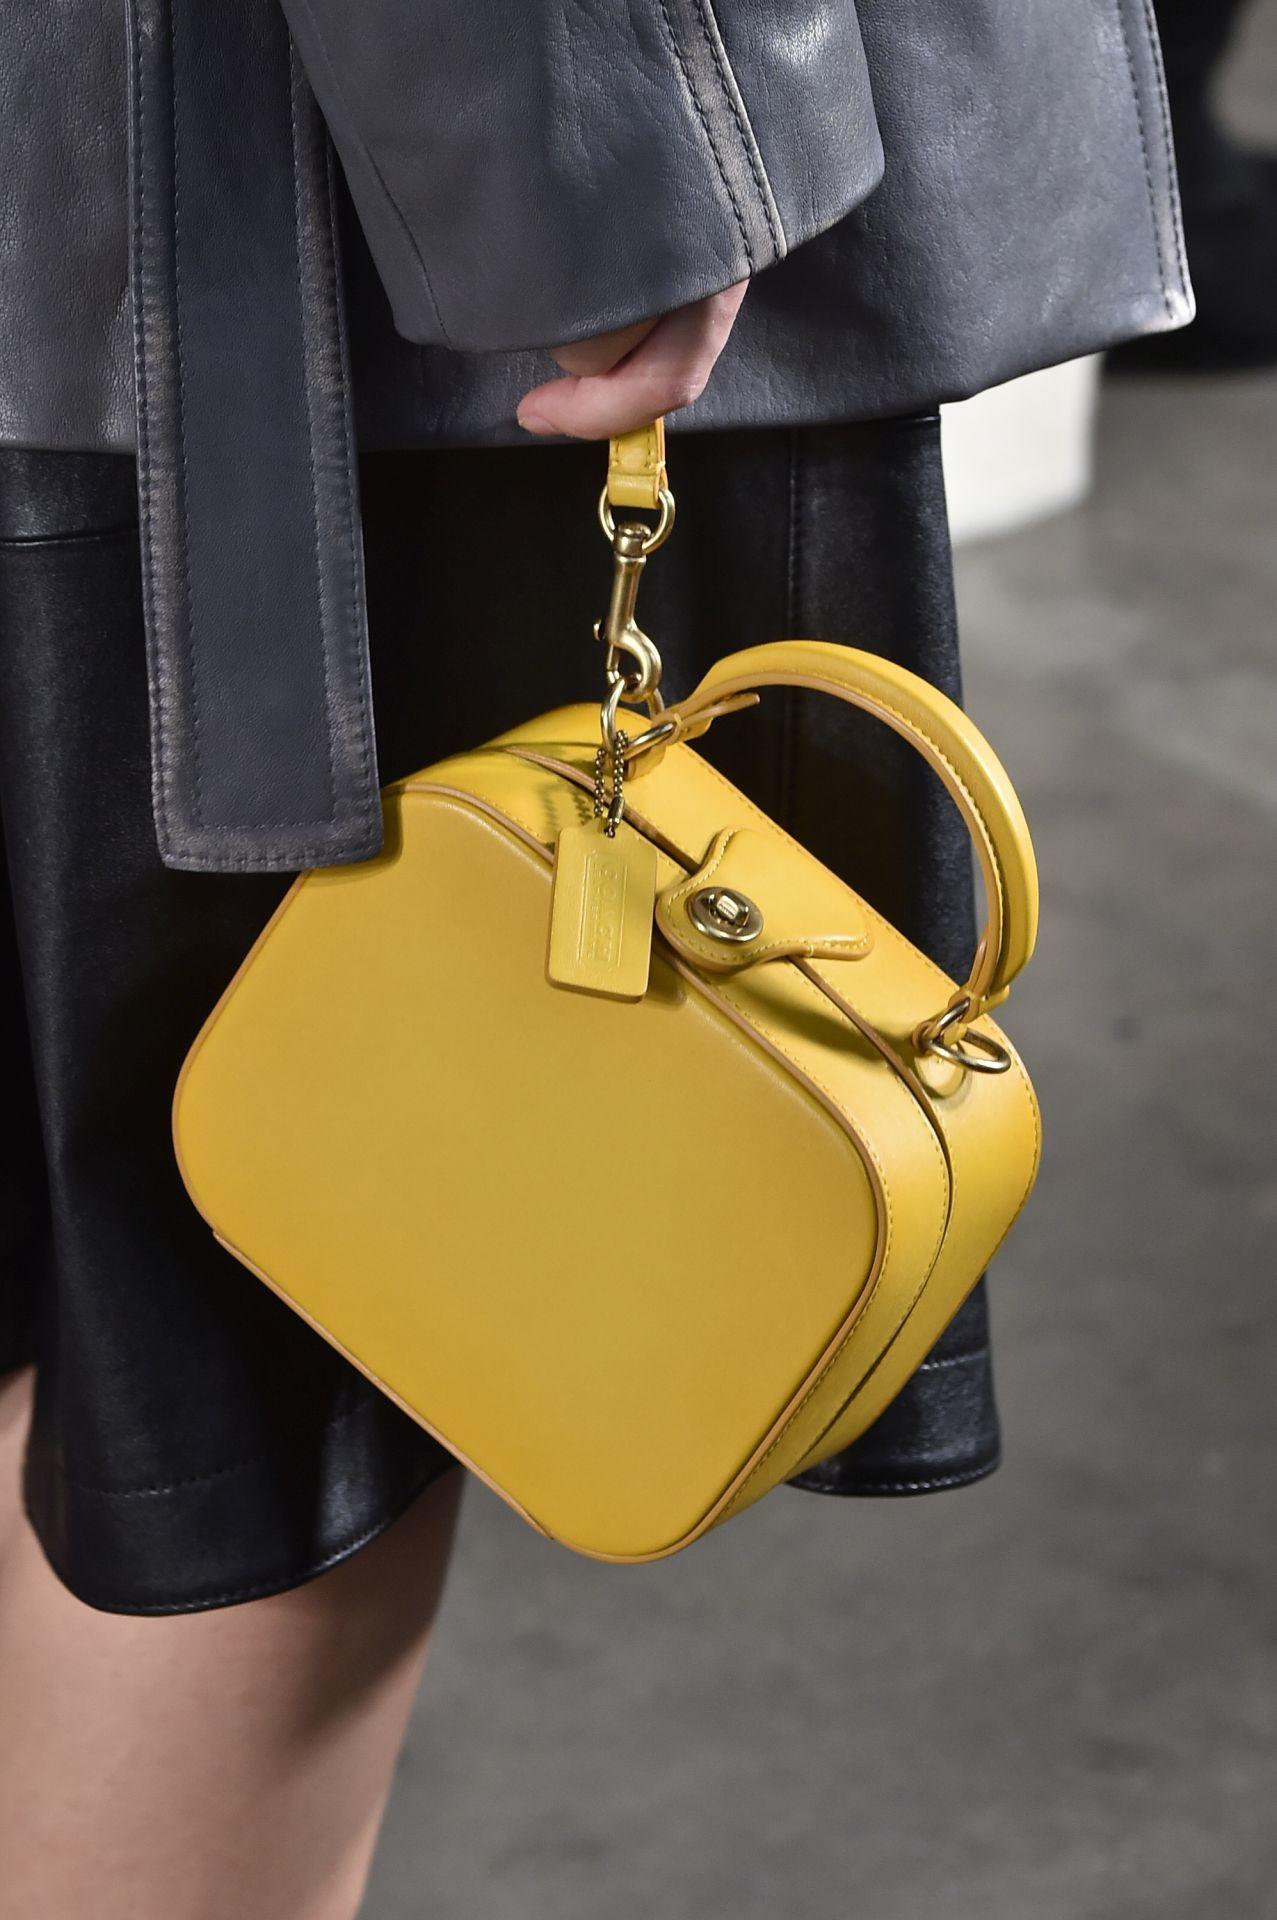 Sárga szögletes táska - Coach 1941